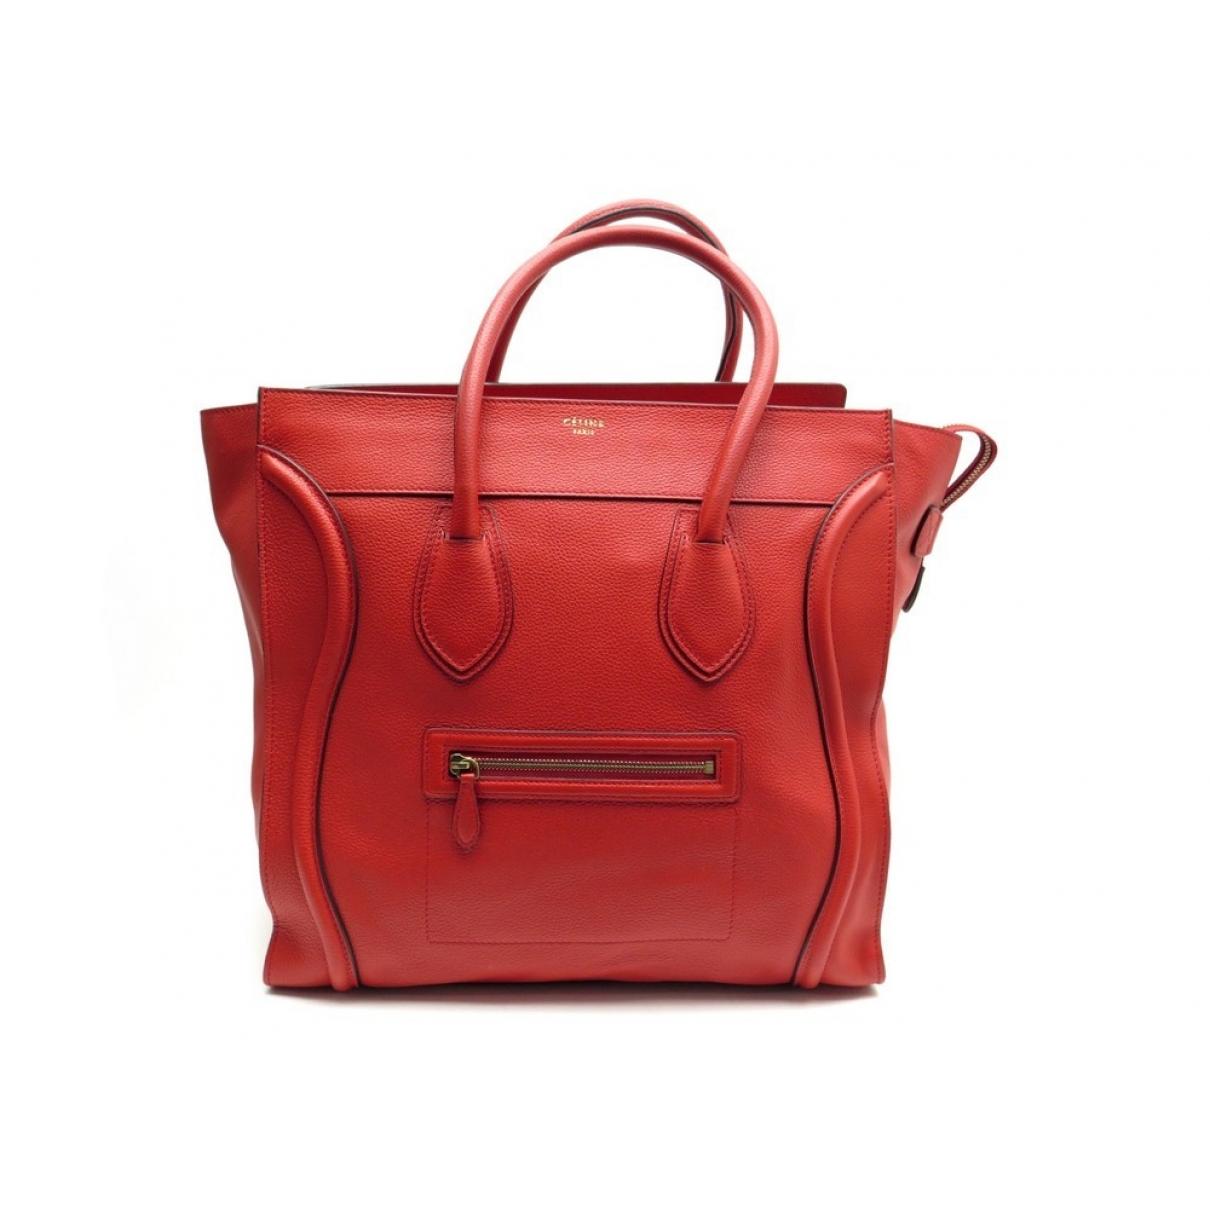 Celine - Sac a main Luggage pour femme en cuir - rouge